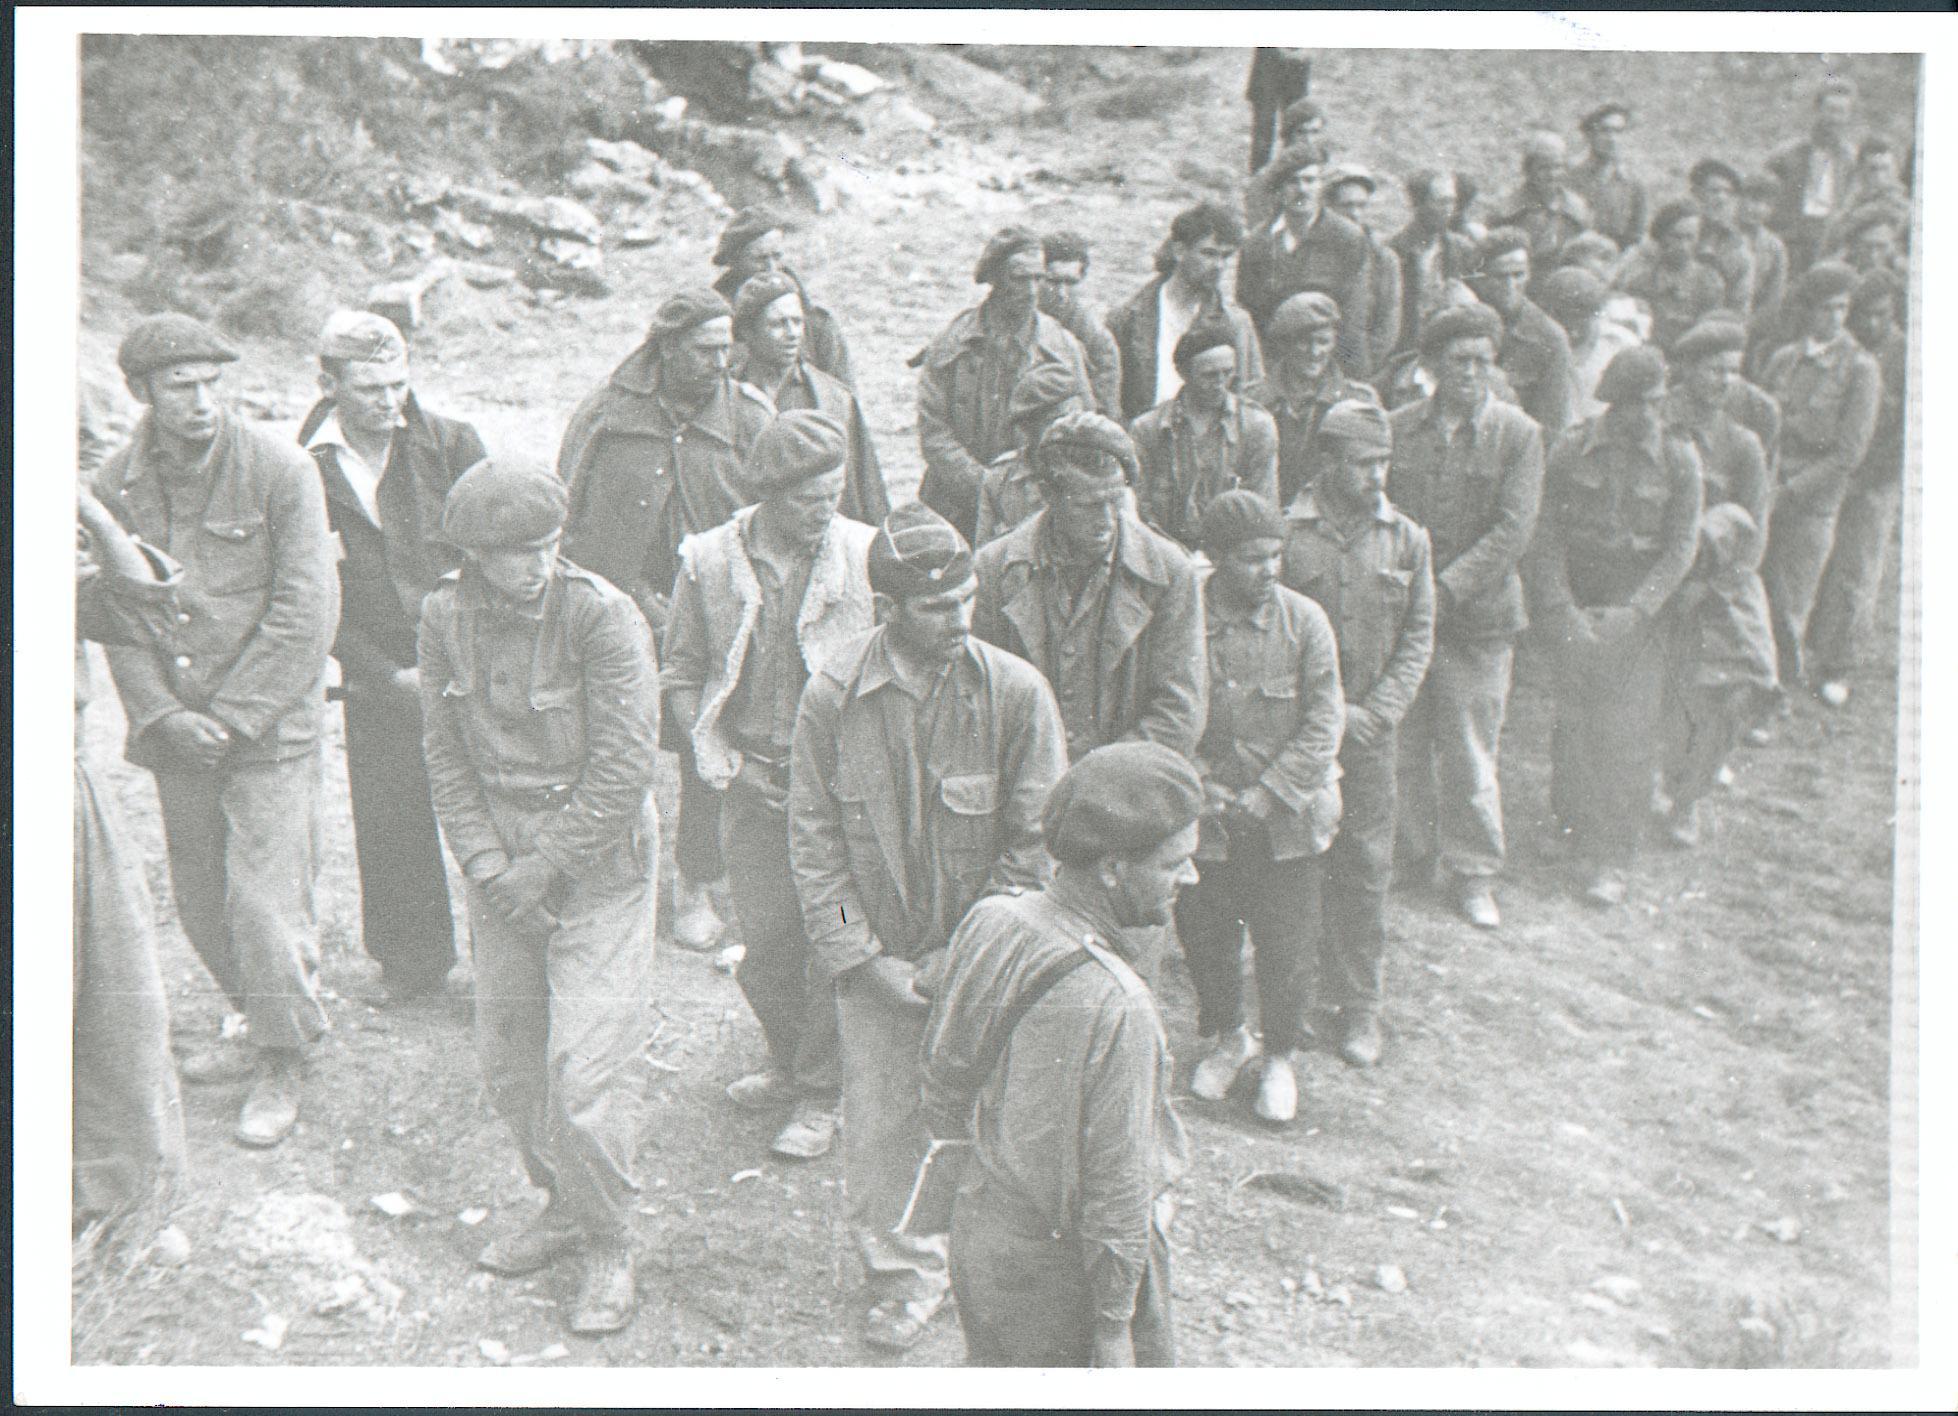 Prisioneros franquitas durante la Guerra Civil española tras la Batalla del Ebro.